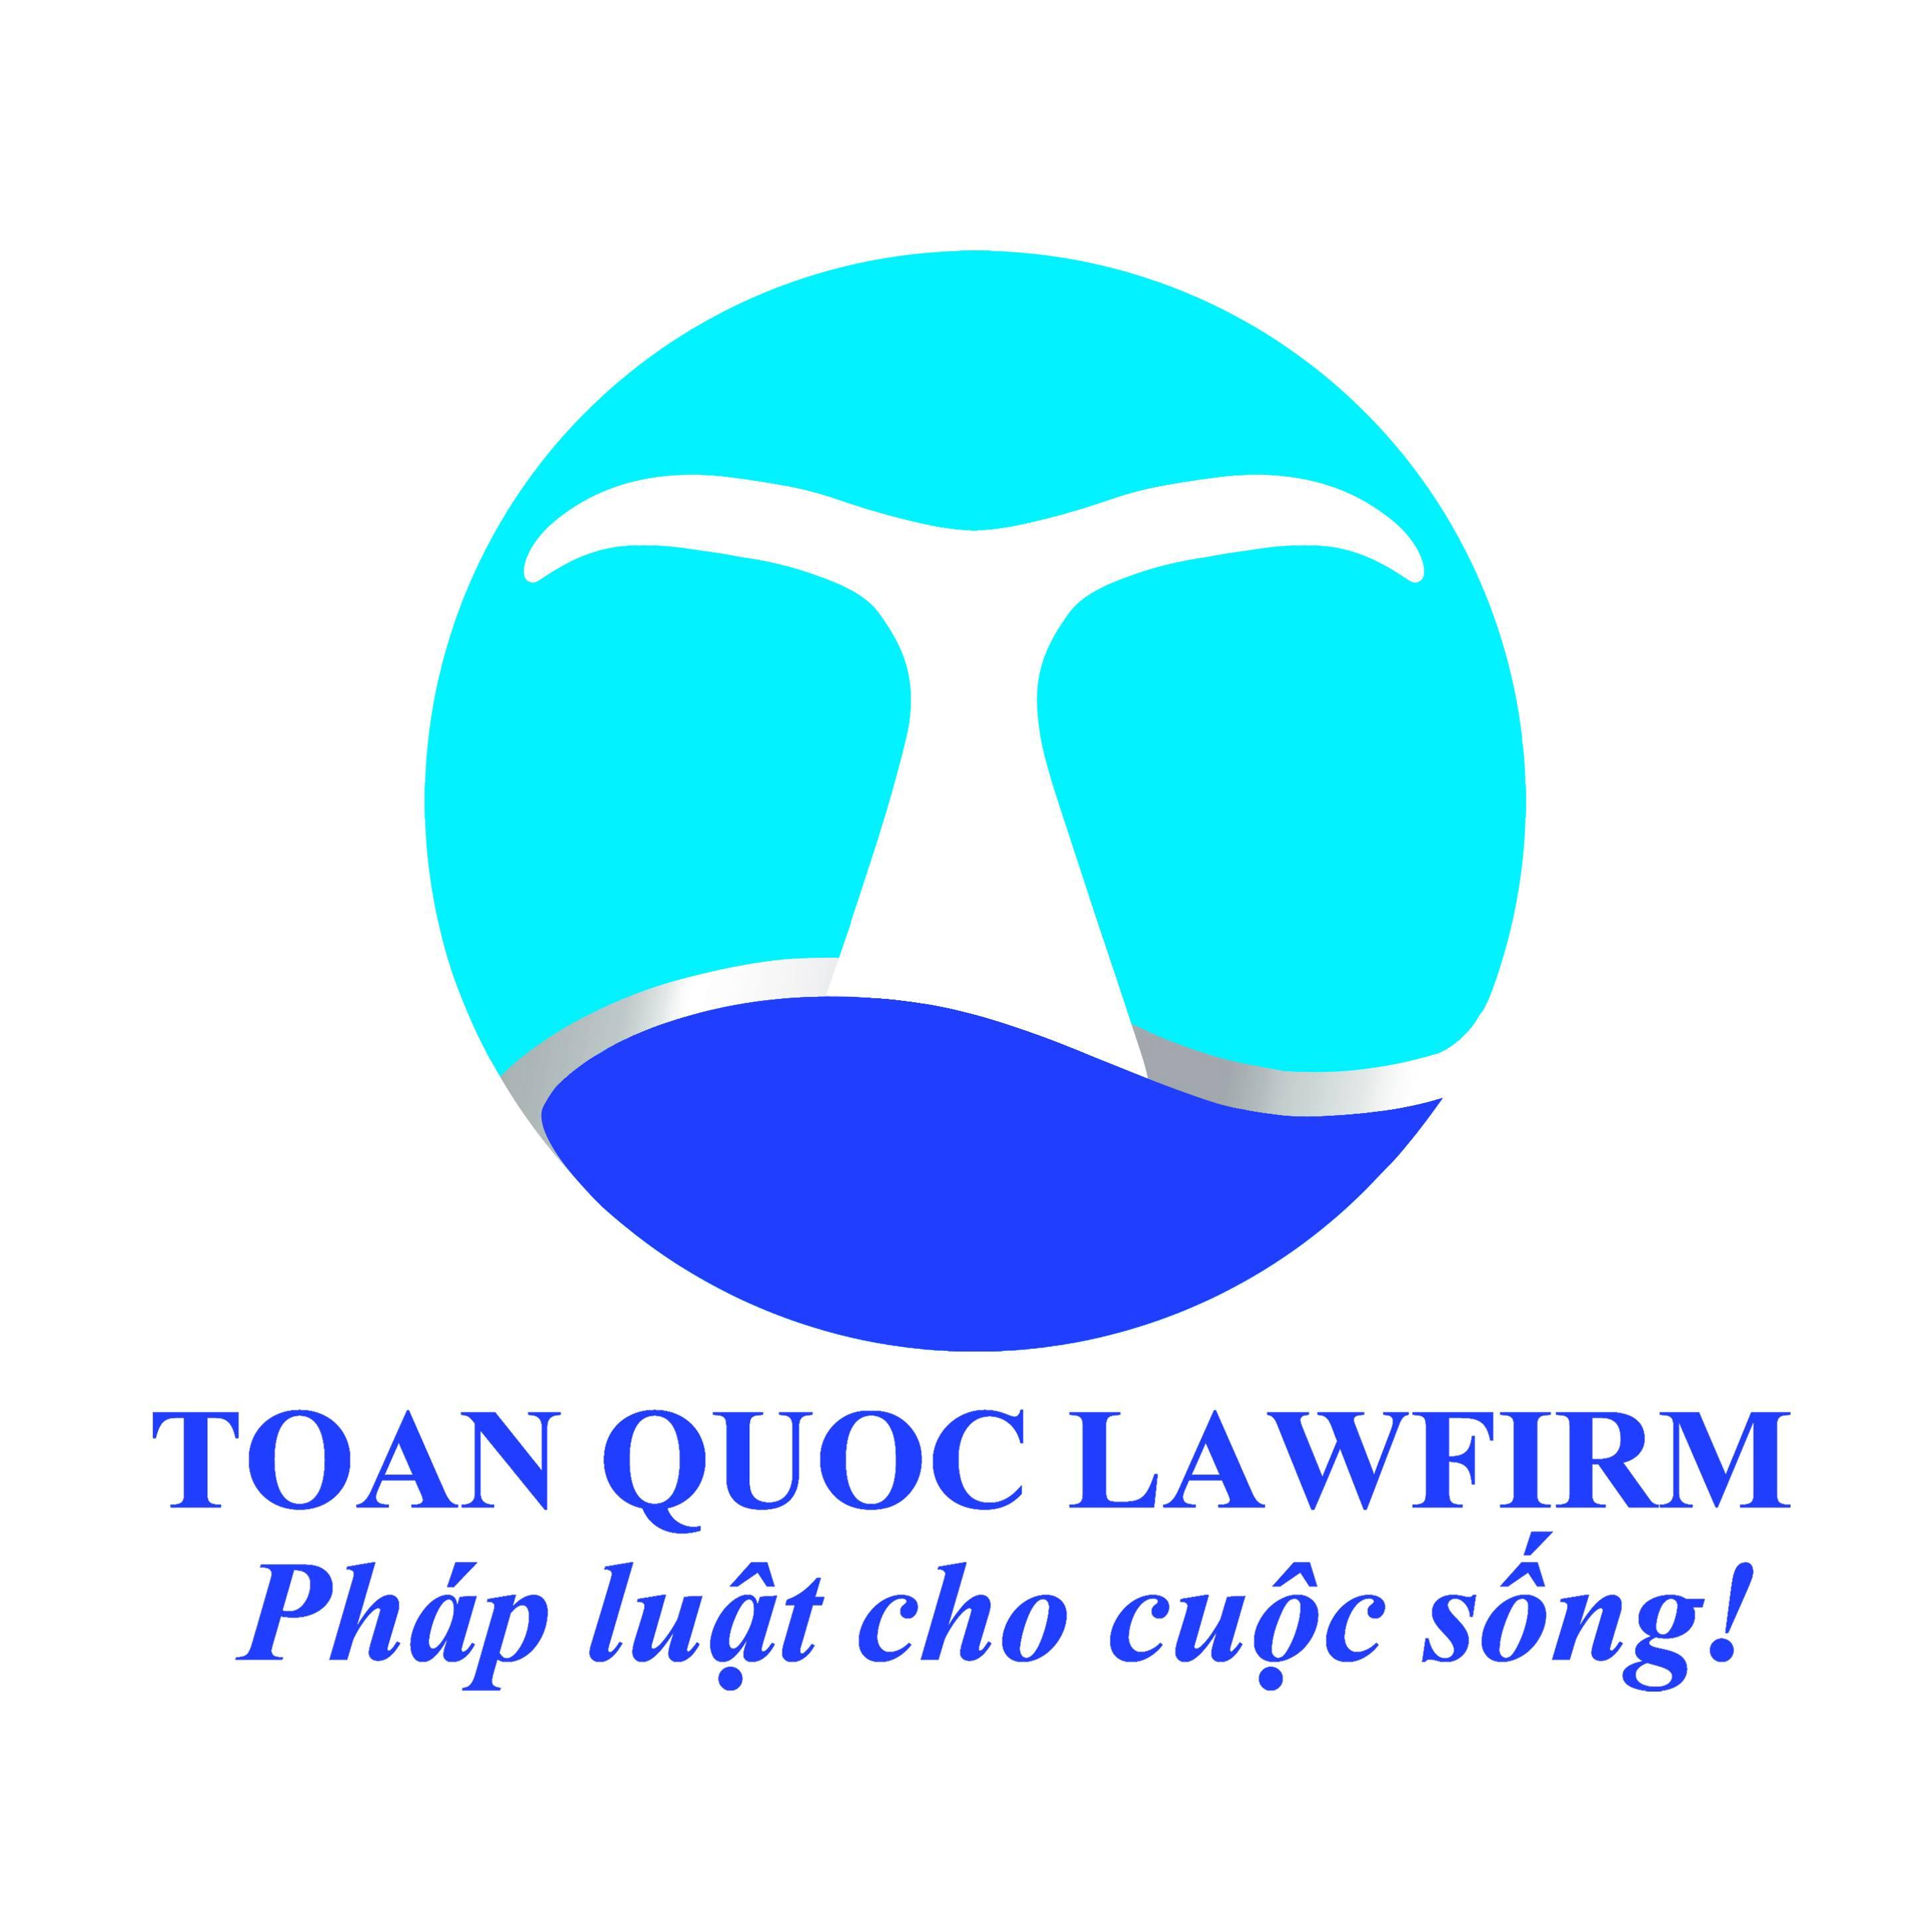 Bảng giá đất tỉnh Quảng Nam 2020